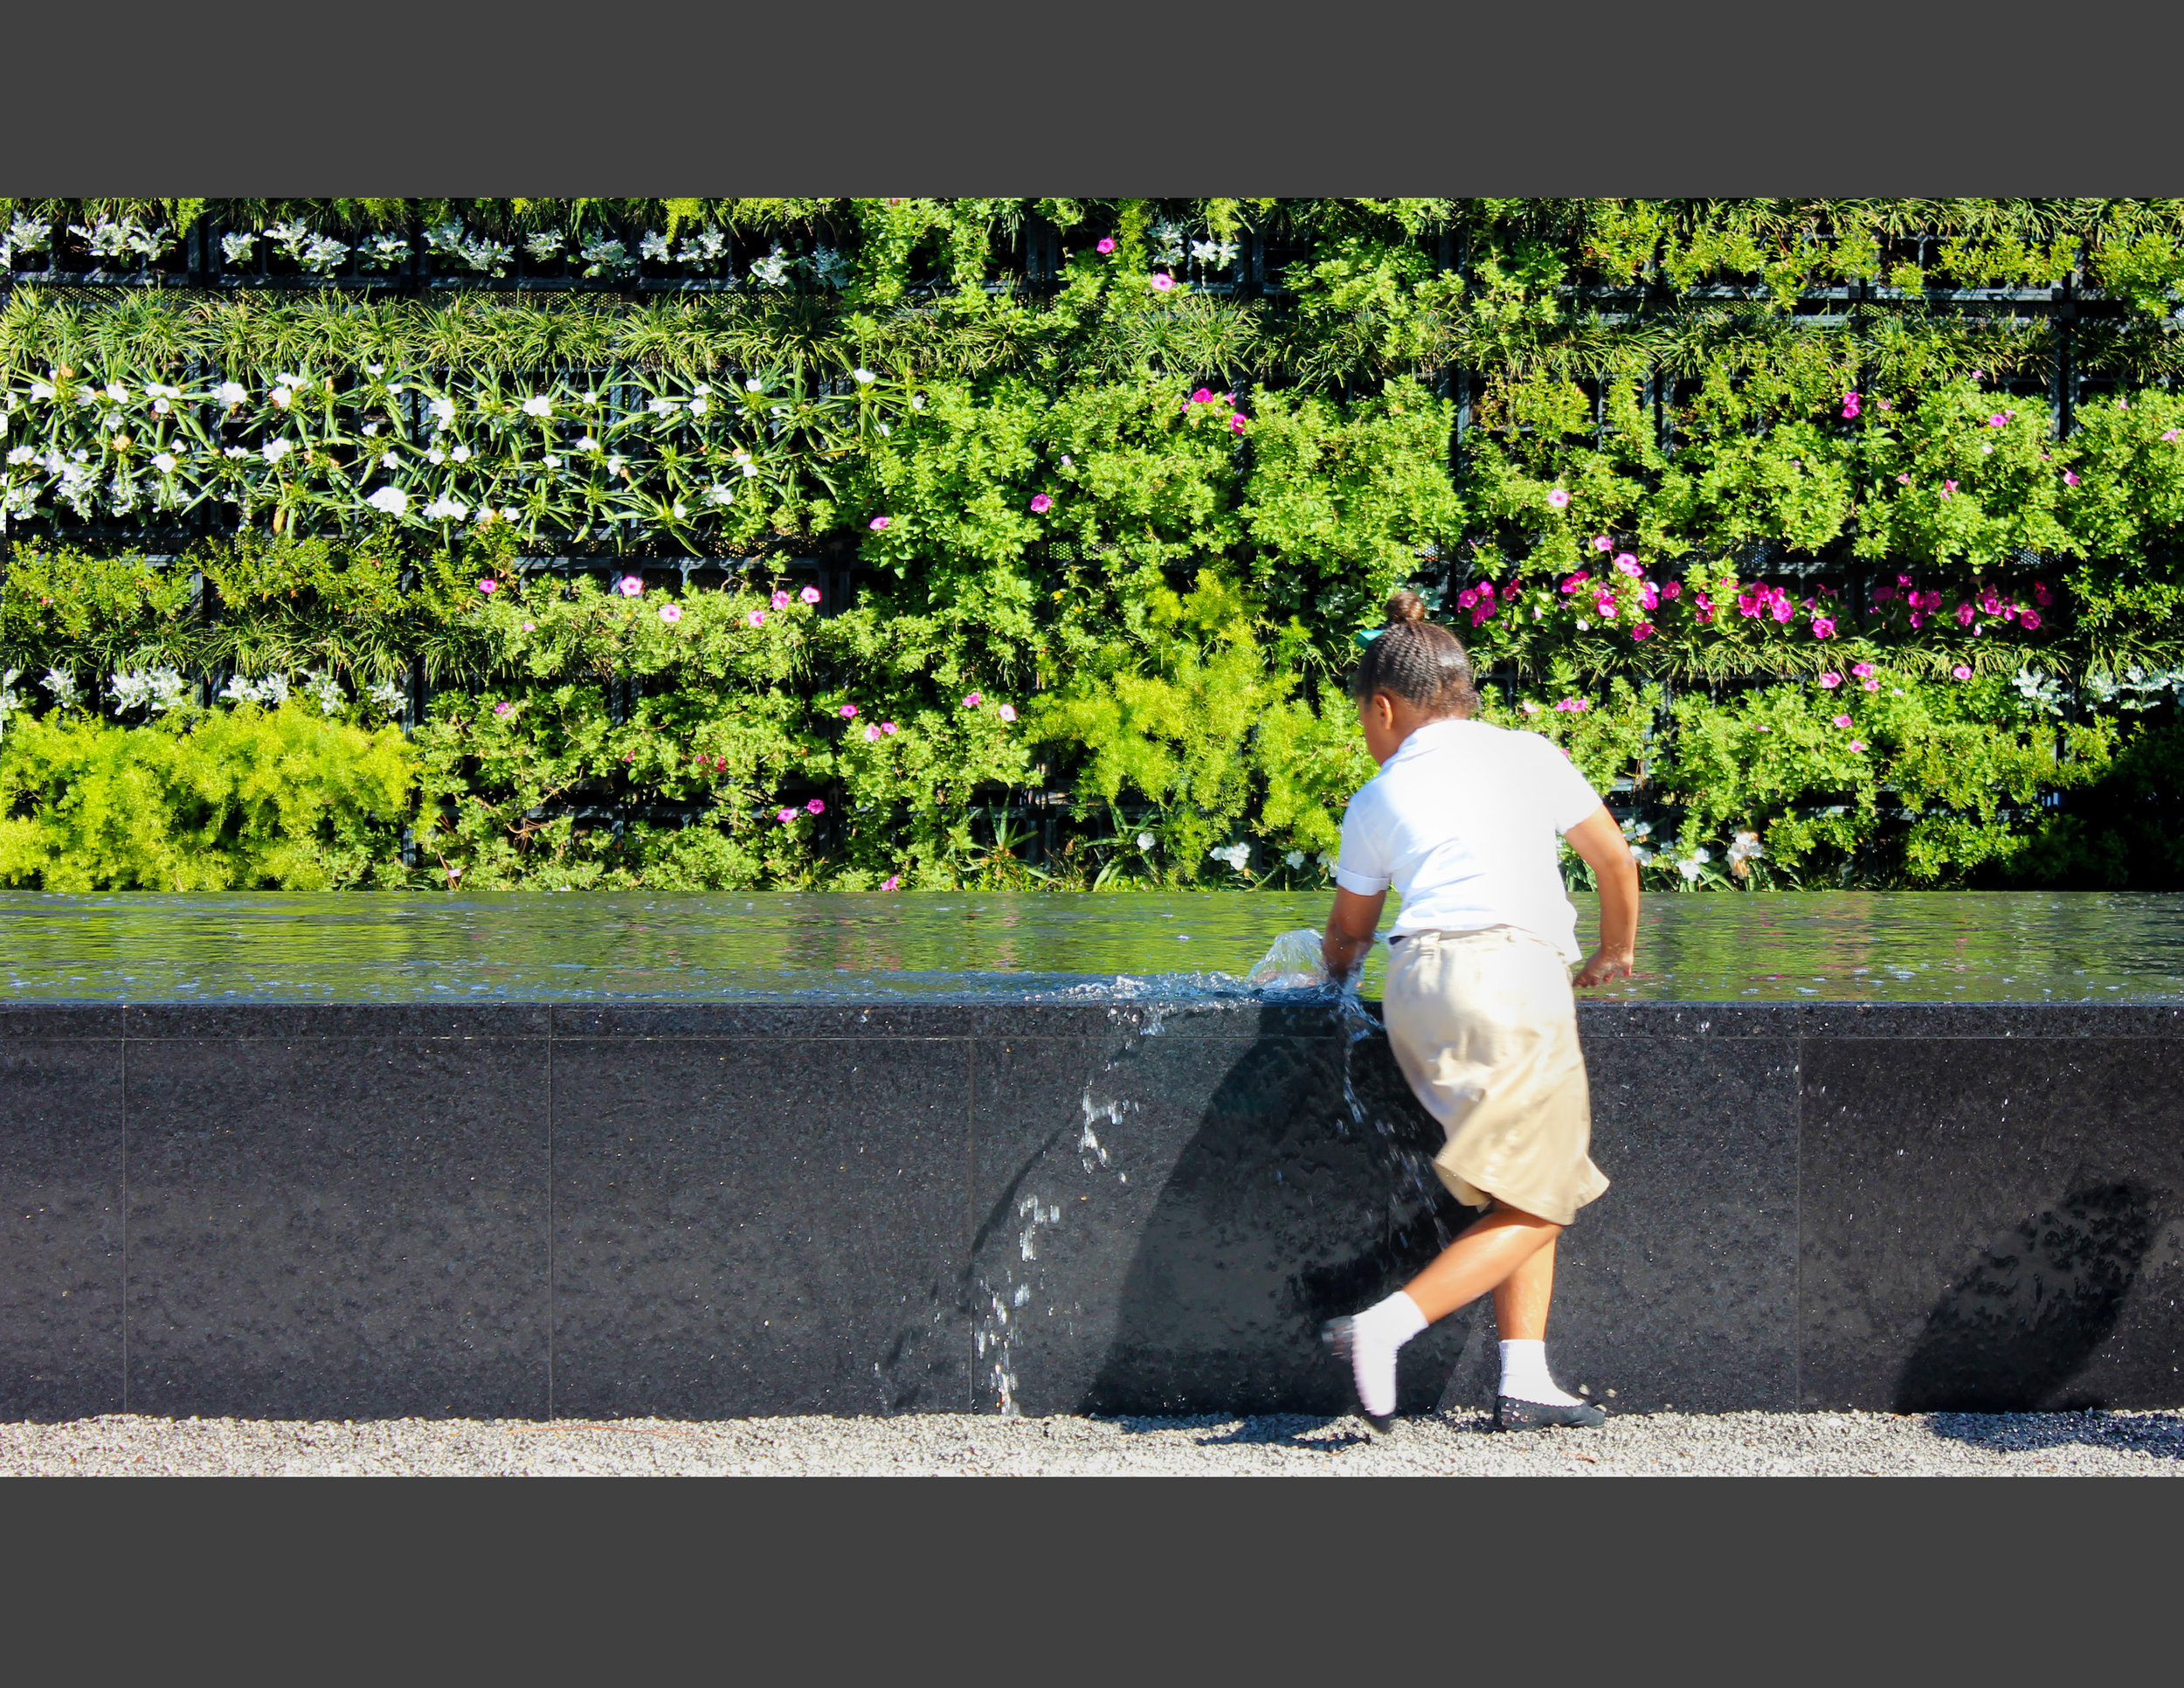 CARBO Landscape - New Orleans Botanical Garden_Page_11.jpg